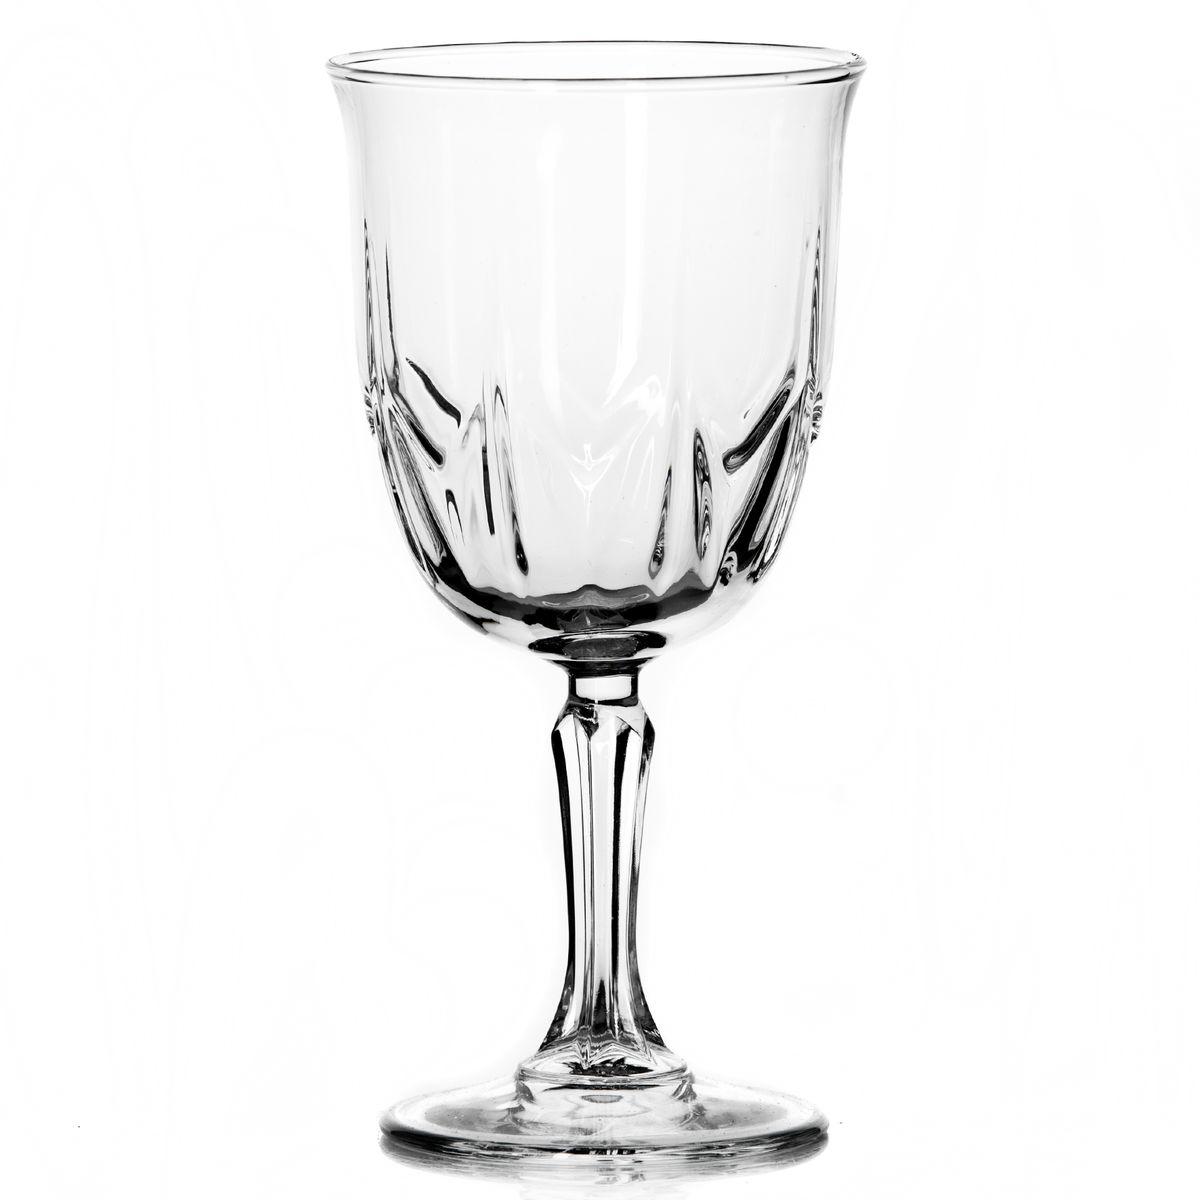 Набор бокалов Pasabahce Karat, 335 мл, 6 шт440148BНабор Pasabahce Karat состоит из шести бокалов, выполненных из прочного натрий-кальций-силикатного стекла. Изделия оснащены рельефной поверхностью и фигурной ножкой. Бокалы сочетают в себе элегантный дизайн и функциональность. Благодаря такому набору пить напитки будет еще вкуснее.Набор бокалов Pasabahce Karat прекрасно оформит праздничный стол и создаст приятную атмосферу за романтическим ужином. Такой набор также станет хорошим подарком к любому случаю. Можно мыть в посудомоечной машине.Диаметр бокала (по верхнему краю): 8,5 см. Высота бокала: 18 см.